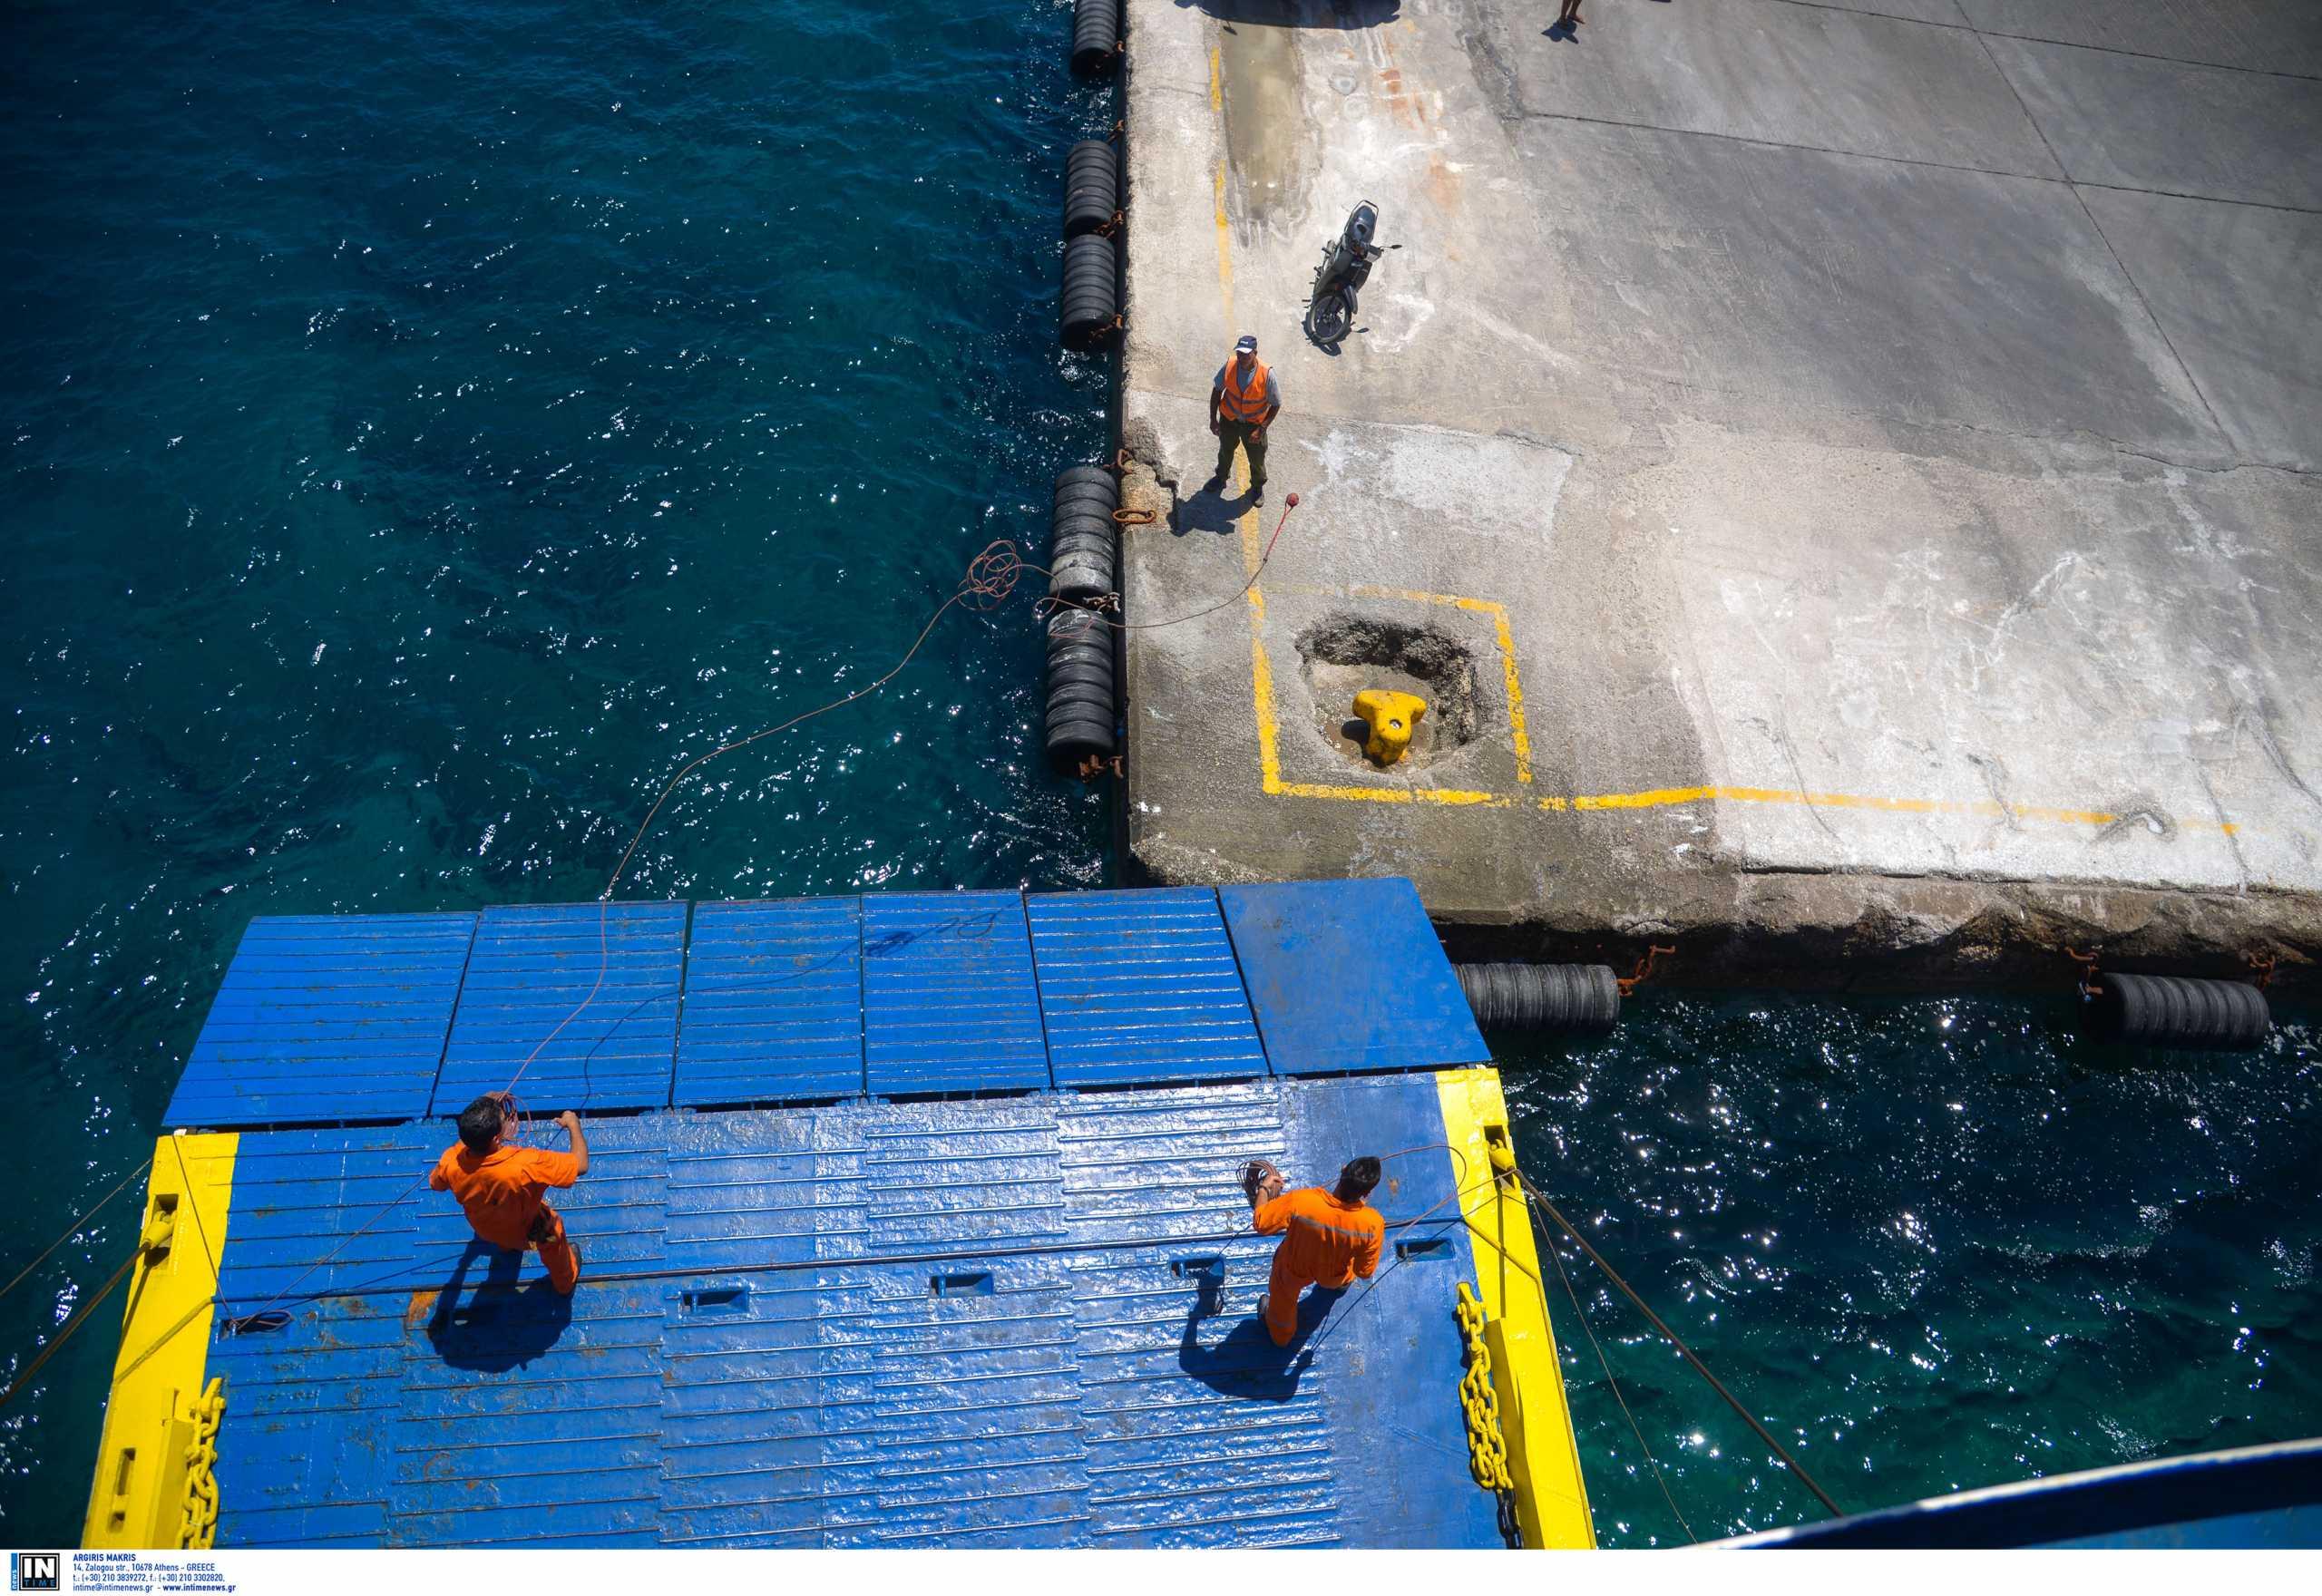 Λήμνος: Βλάβη στον καταπέλτη του πλοίου «Aqua Star» με 516 επιβάτες